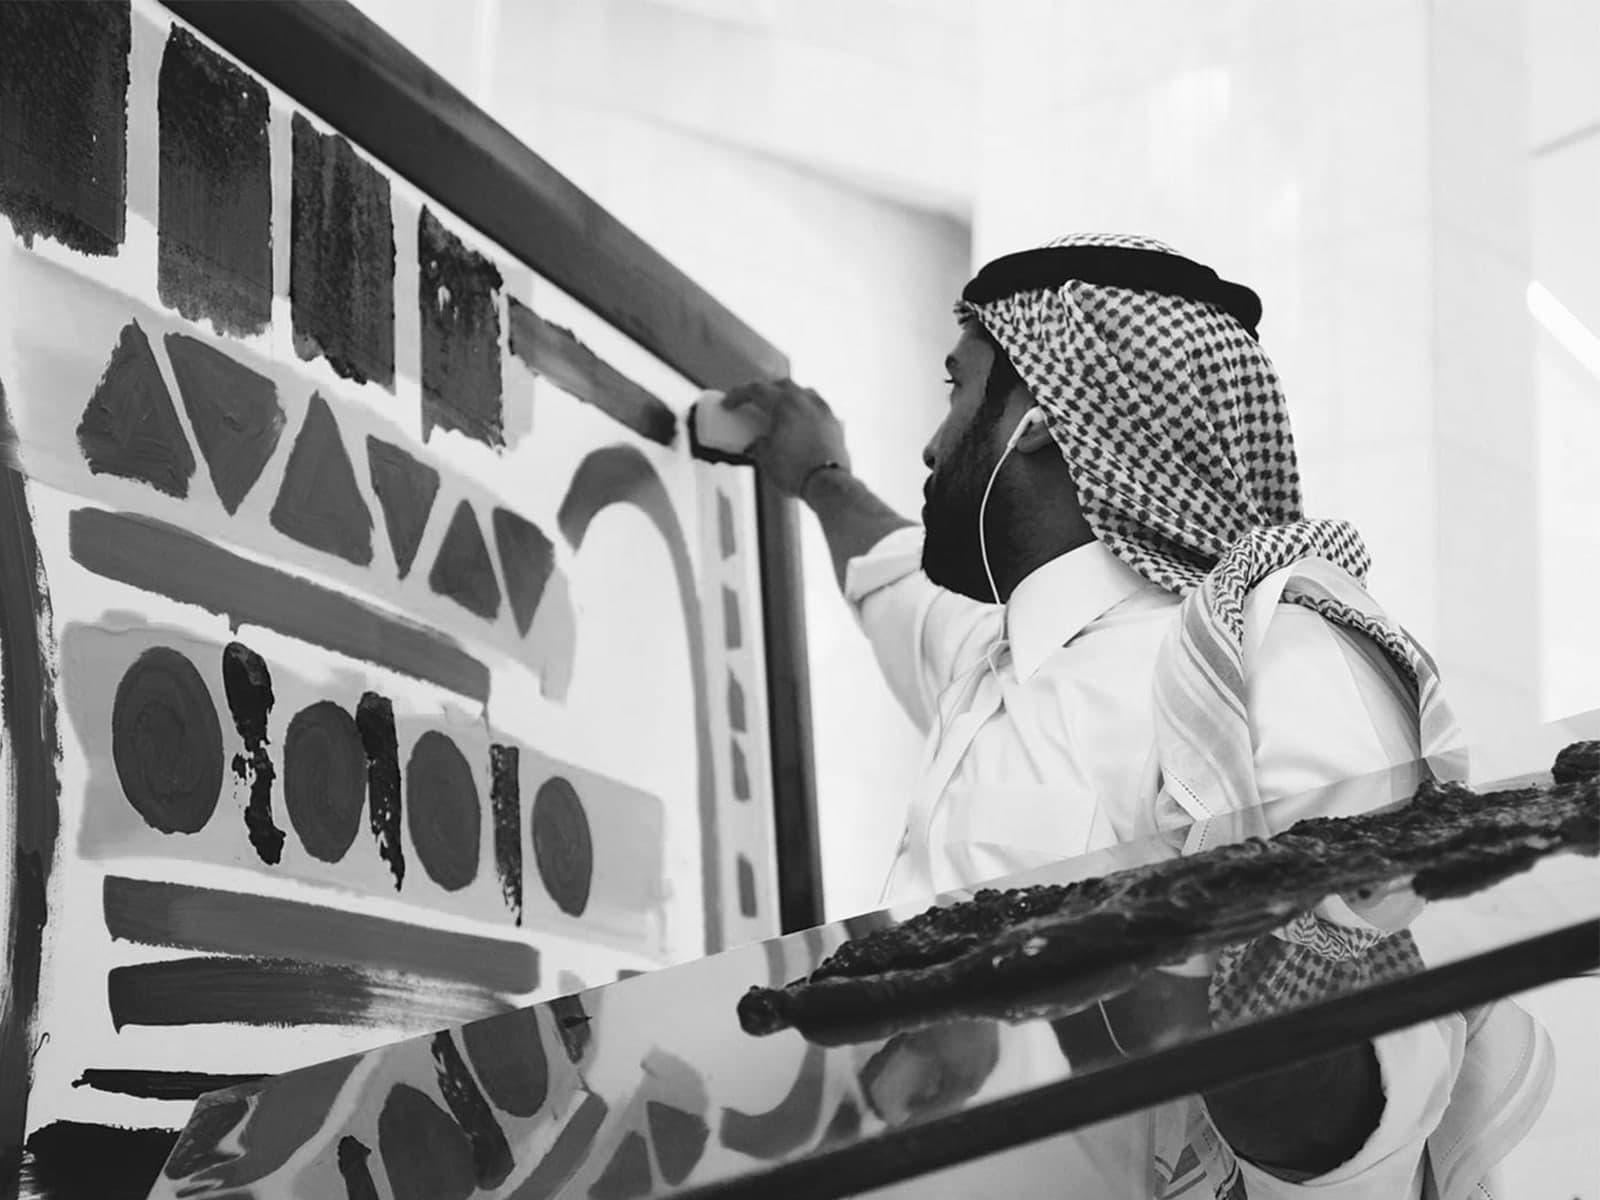 جنسية الفنان السعودي، أهم من فنه؟